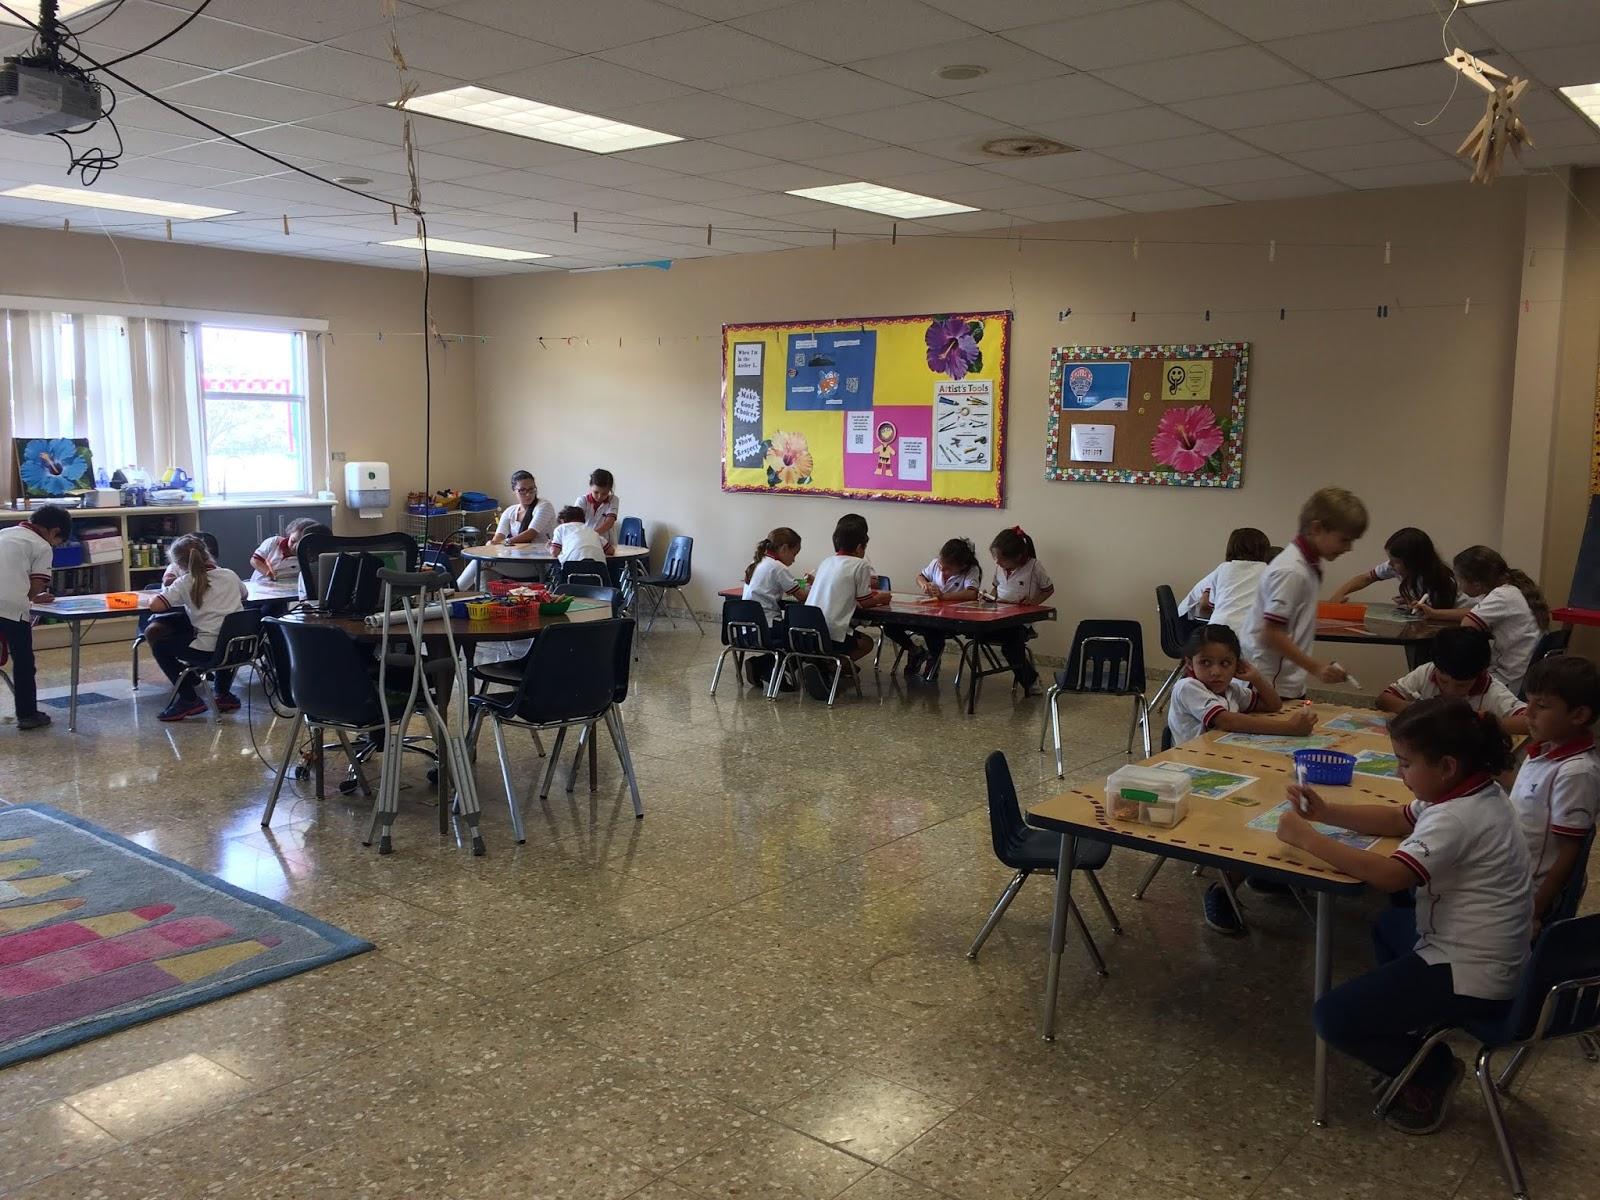 conducive classroom environment